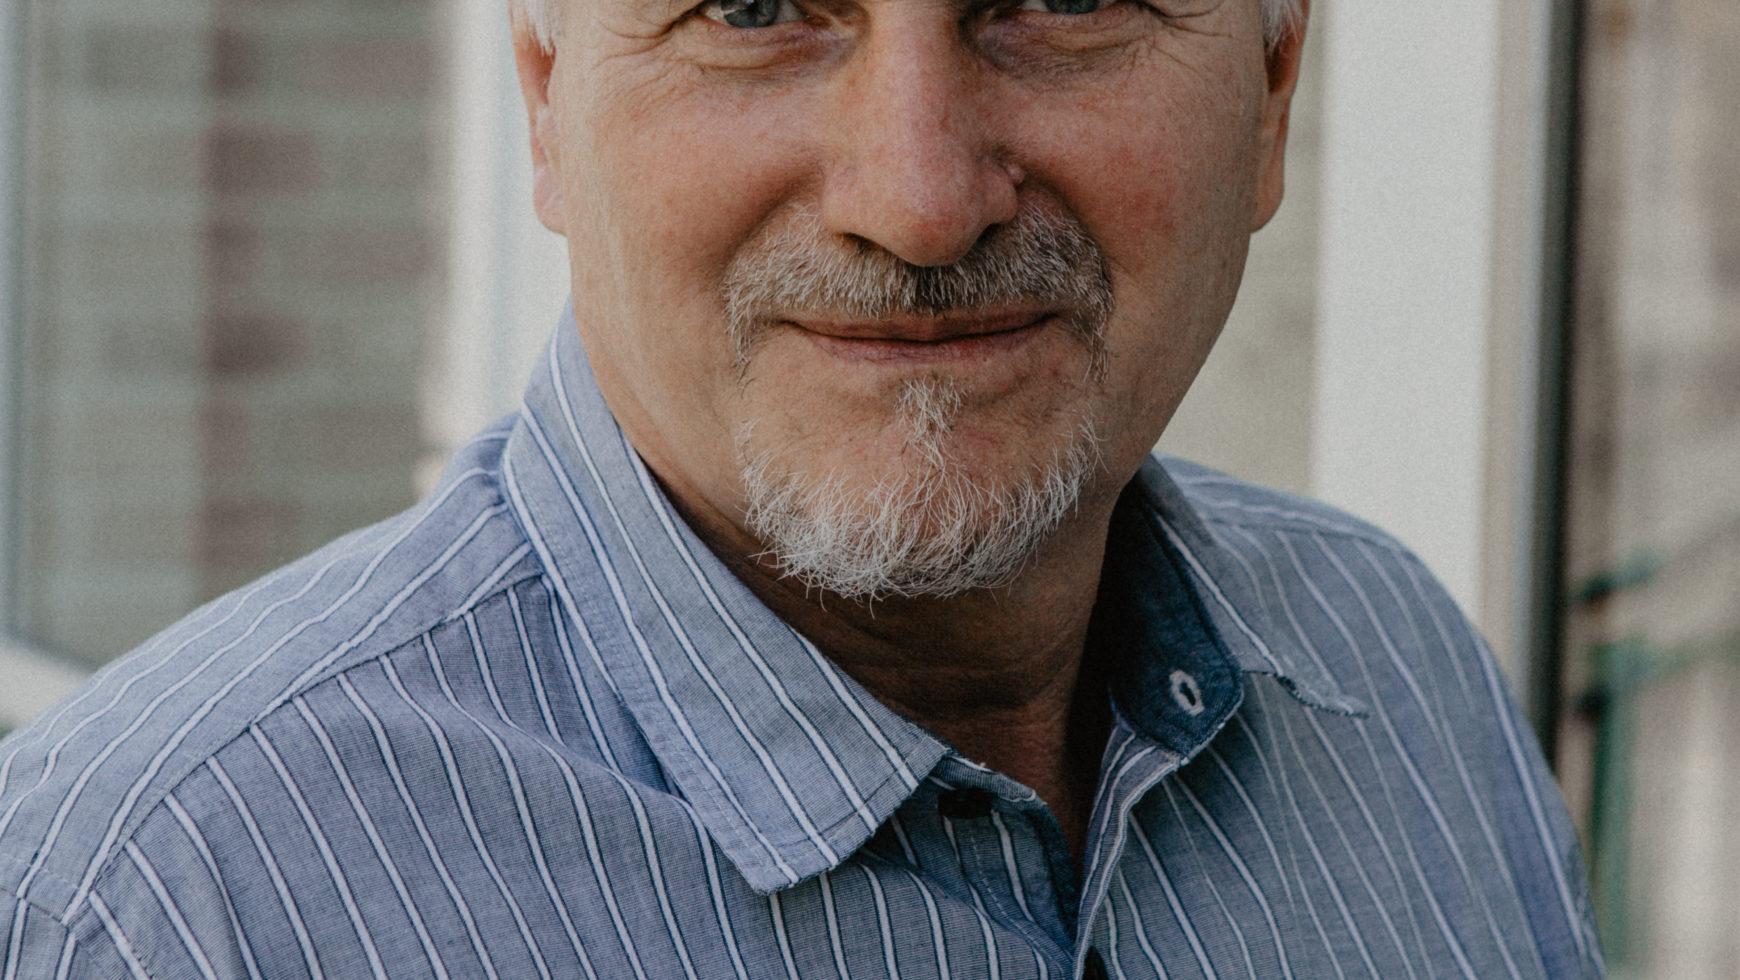 Albert Rempel